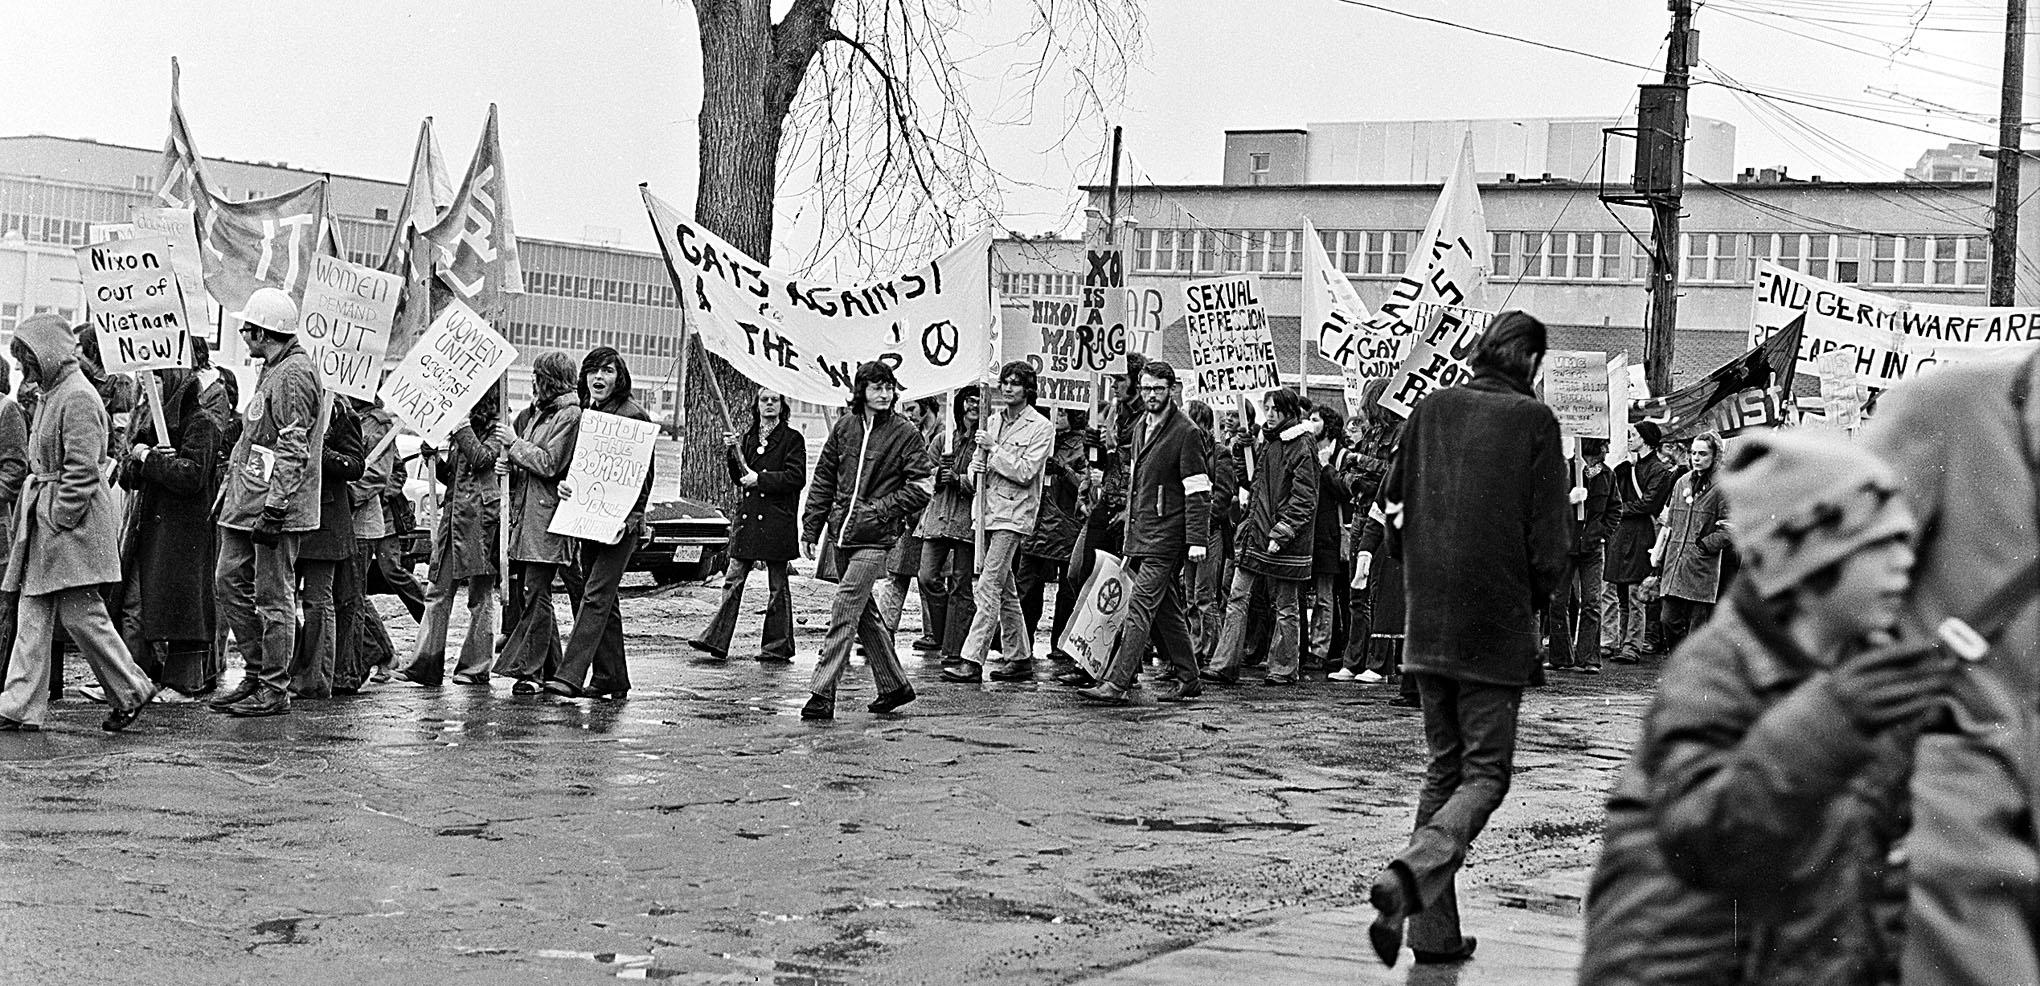 nov 15 gay protest